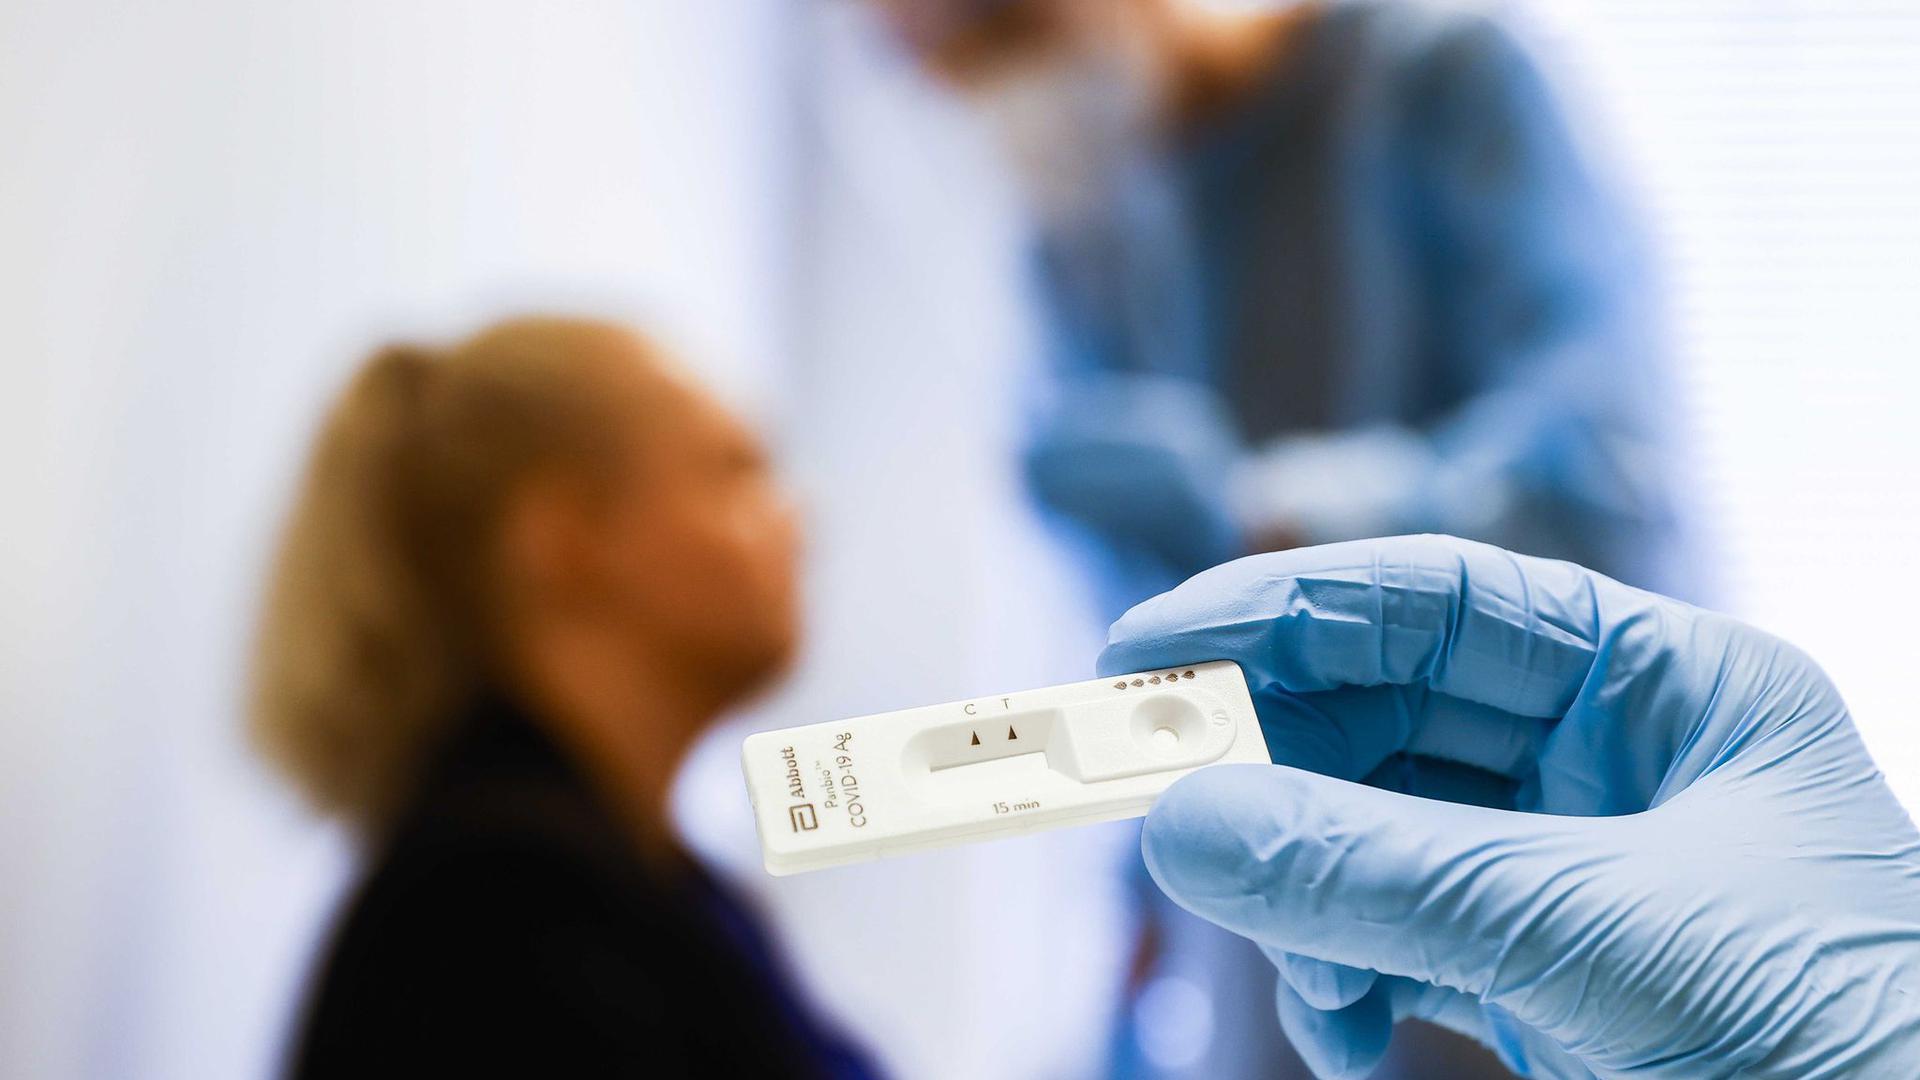 Blick auf einen Corona-Schnelltest in einer Teststation im Universitätsklinikum Groningen.